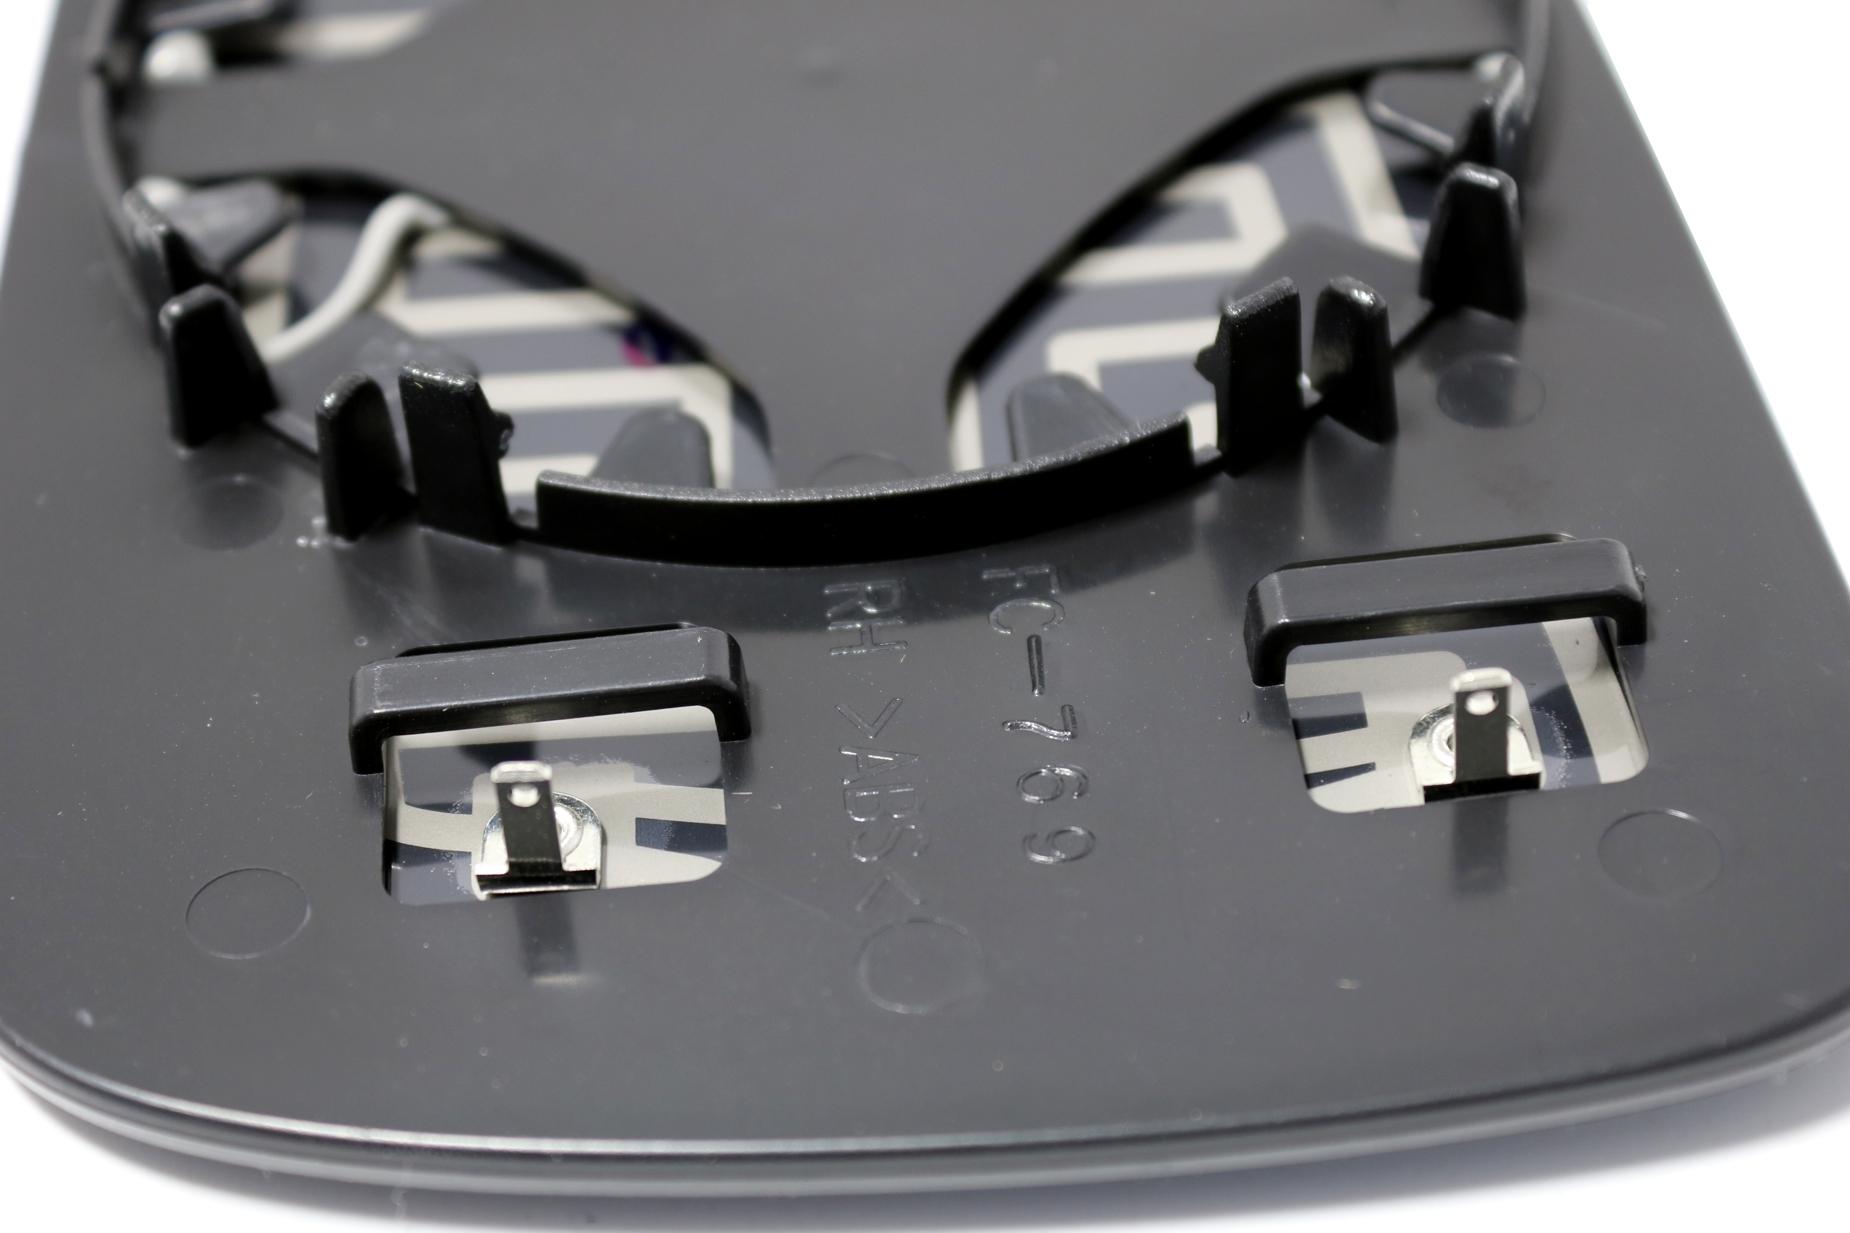 spiegelglas opel astra h 04 alle rechts beheizbar konvex. Black Bedroom Furniture Sets. Home Design Ideas